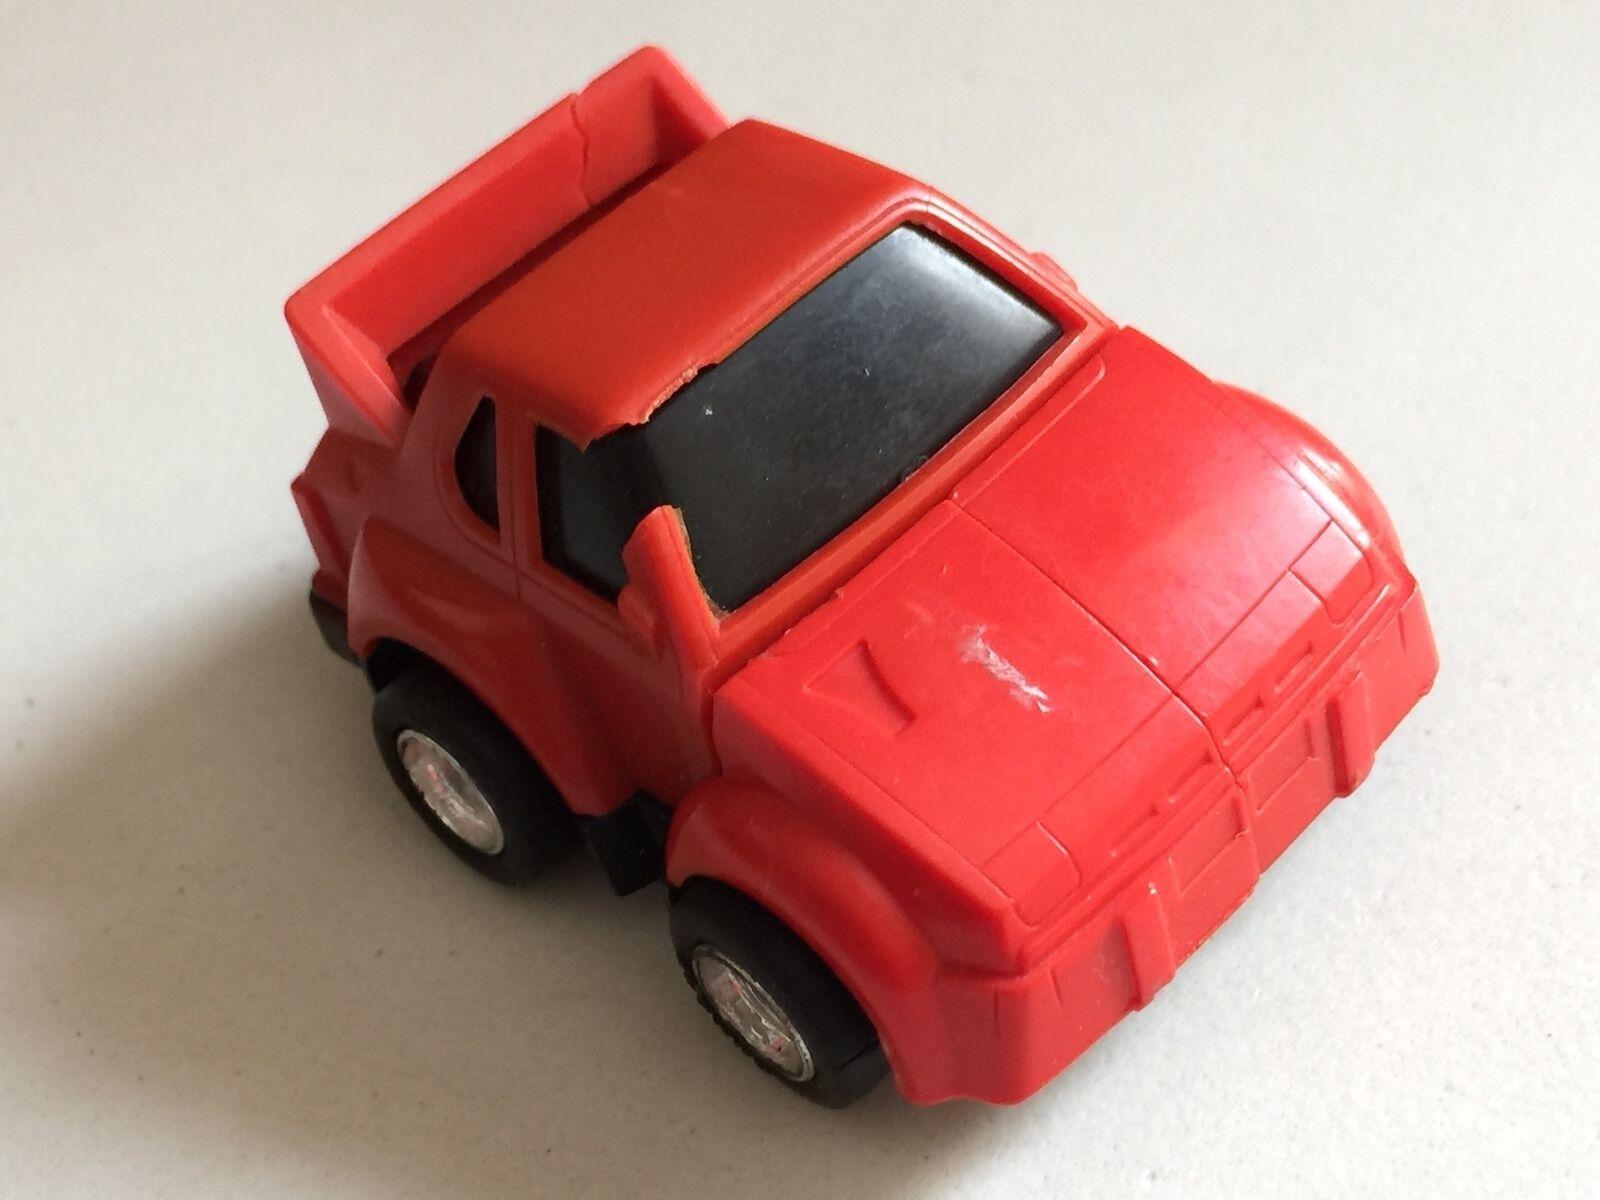 Transformers G1 1985 rosso Minibot IGA (daño) (mexicano) Hasbro Takara